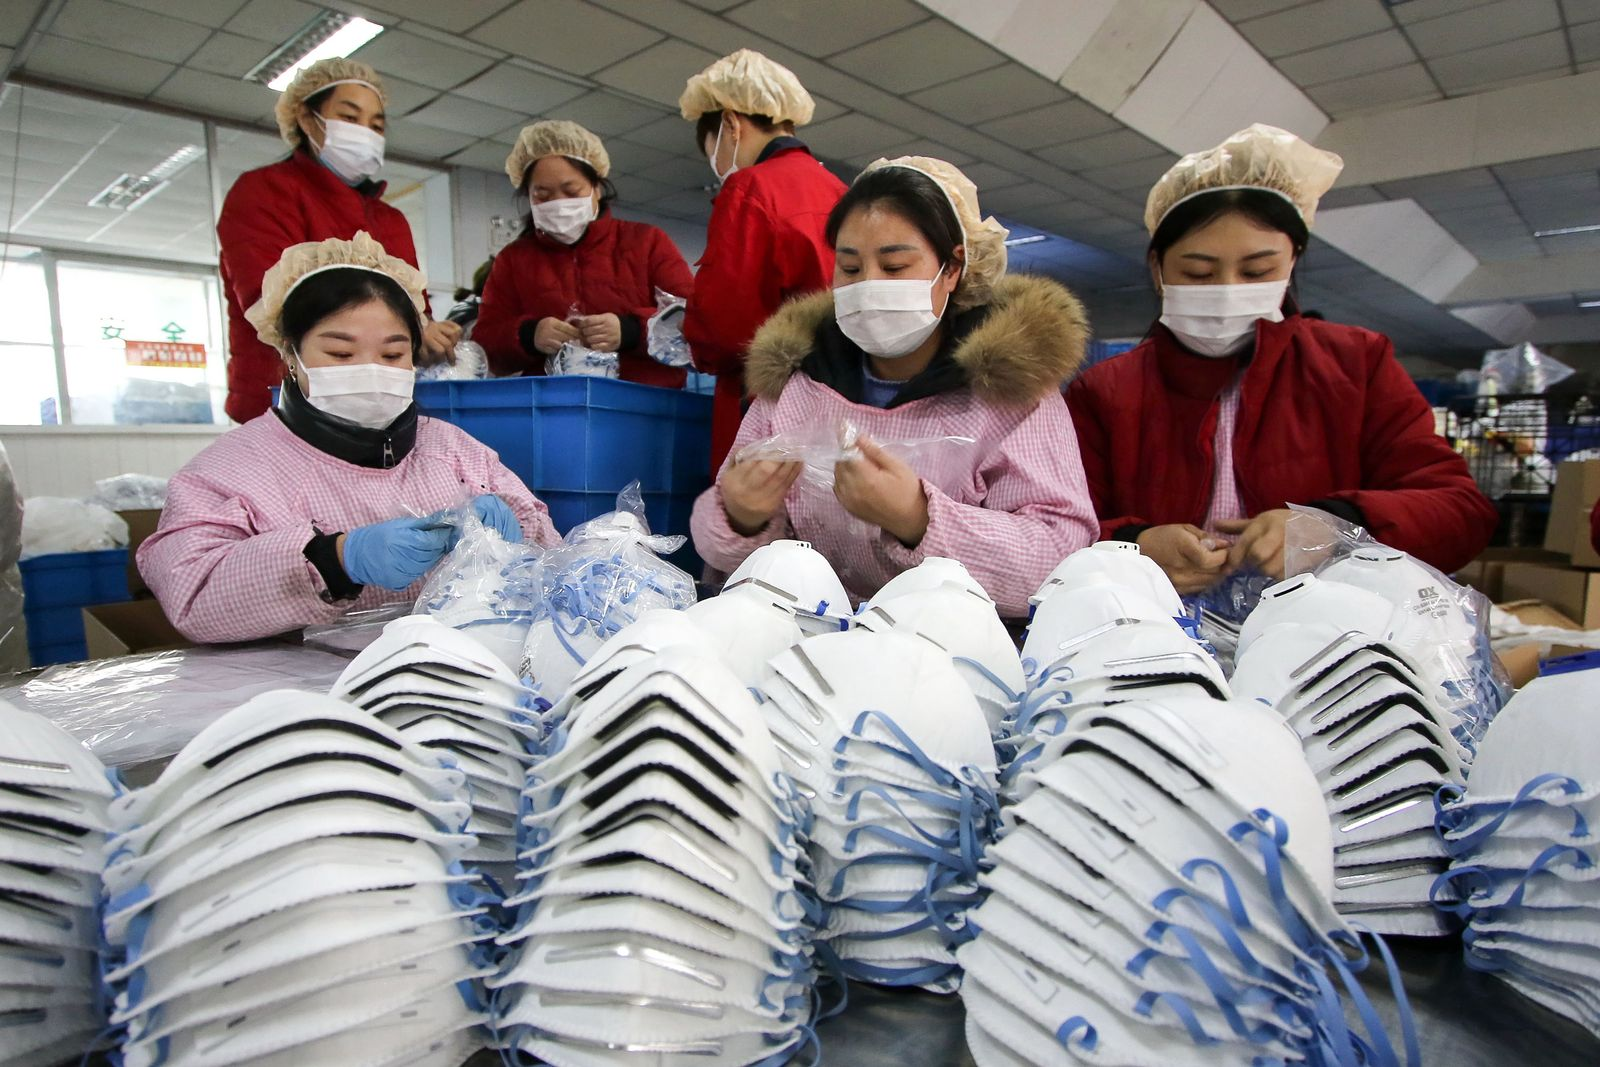 CHINA-VIRUS-HEALTH